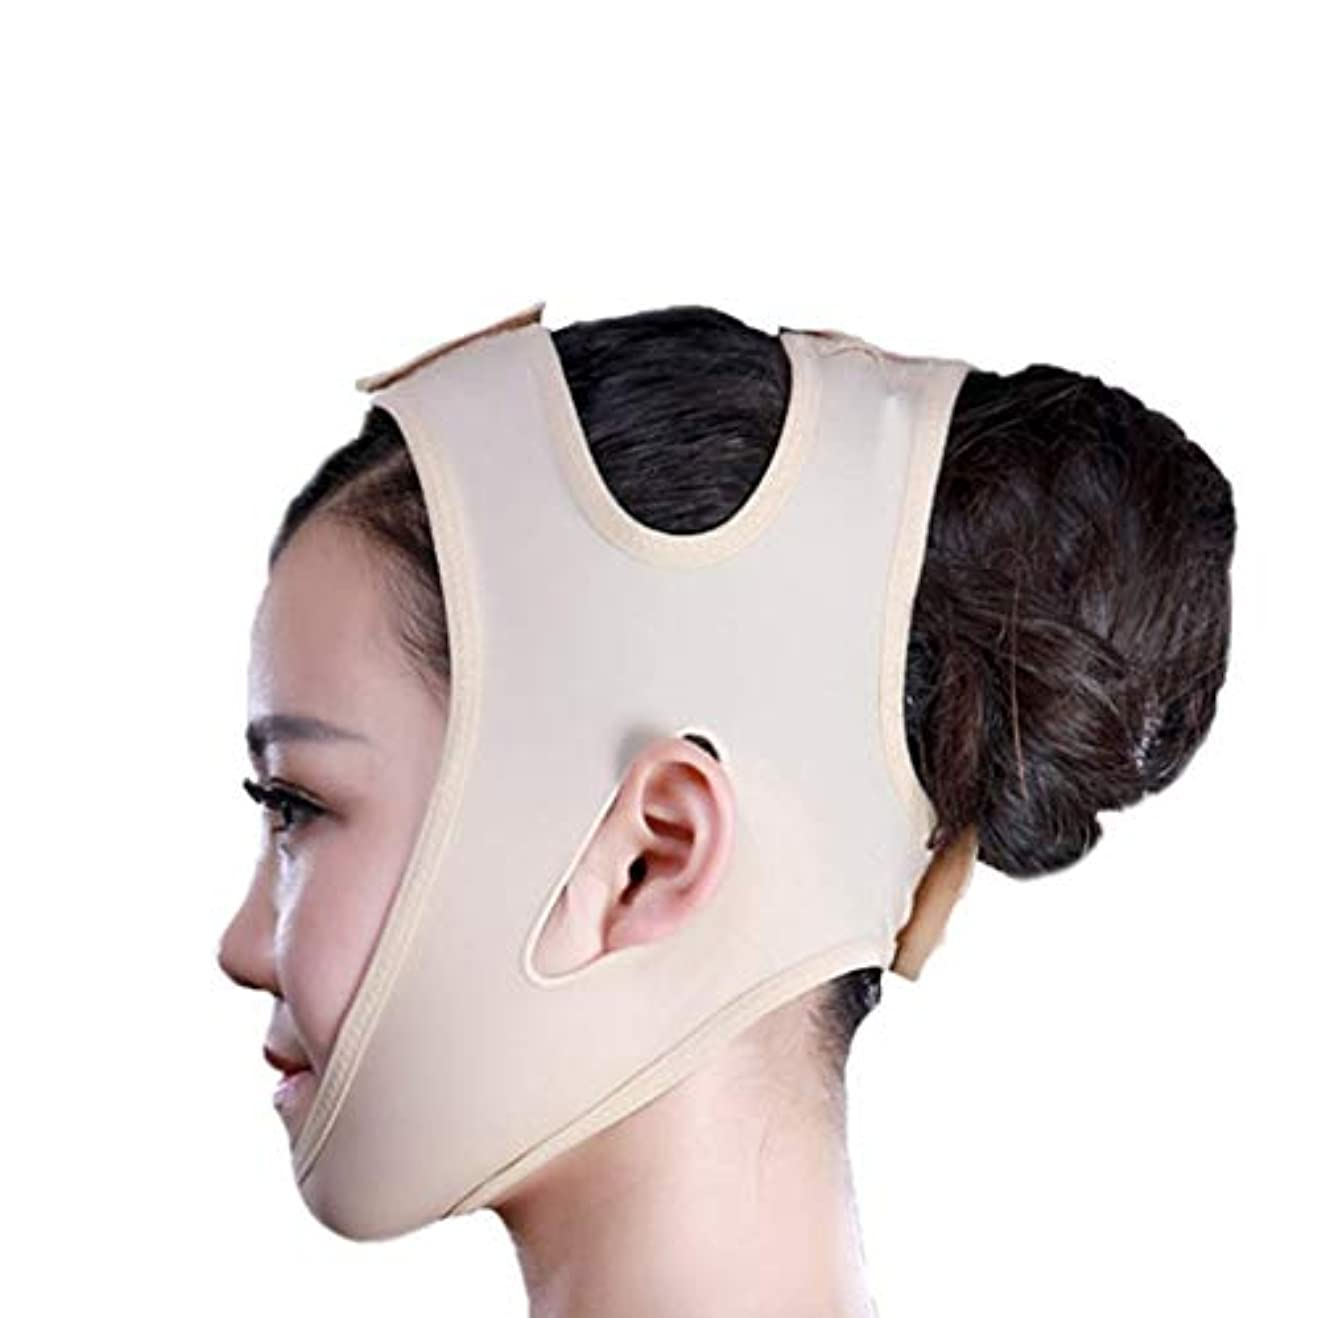 静かなサラミ空白フェイススリミングマスク、快適さと通気性、フェイシャルリフティング、輪郭の改善された硬さ、ファーミングとリフティングフェイス(カラー:ブラック、サイズ:XL),黄色がかったピンク、M